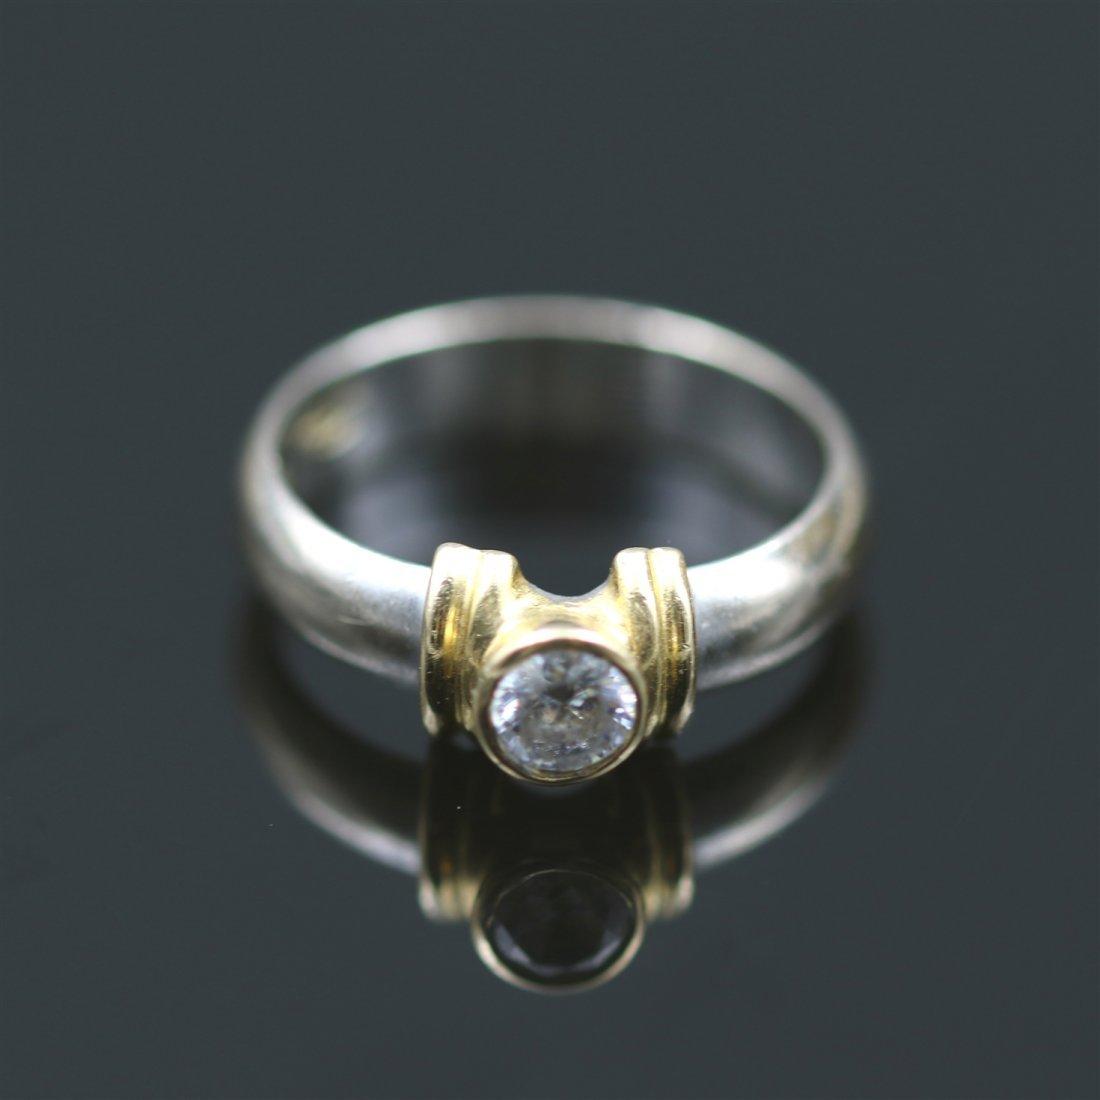 18k Yellow / White Gold Ring.